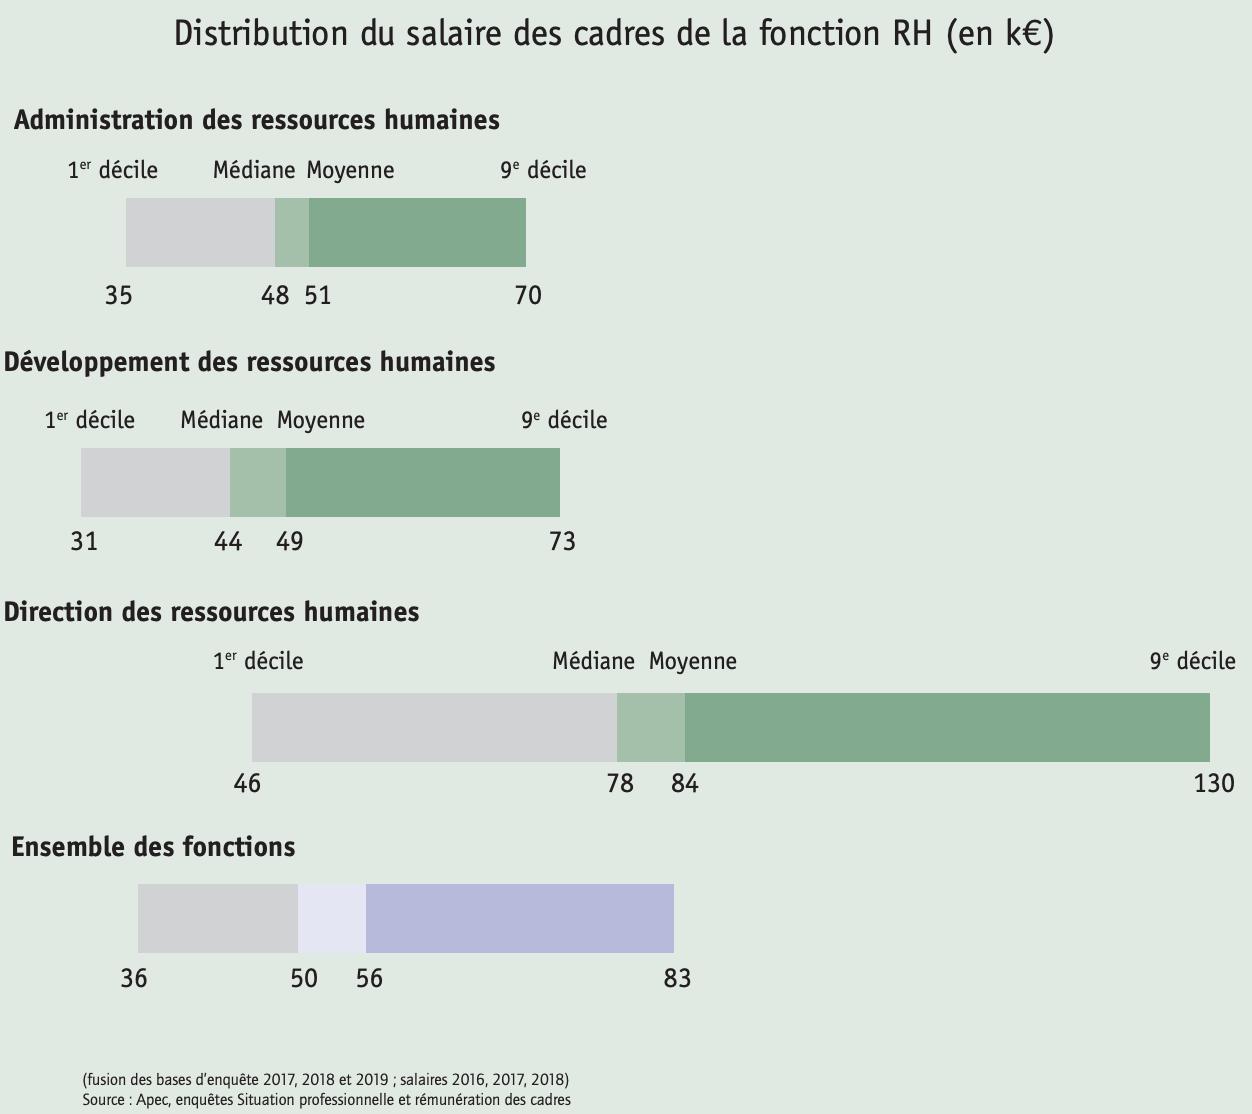 Distribution du salaire des cadres de la fonction RH